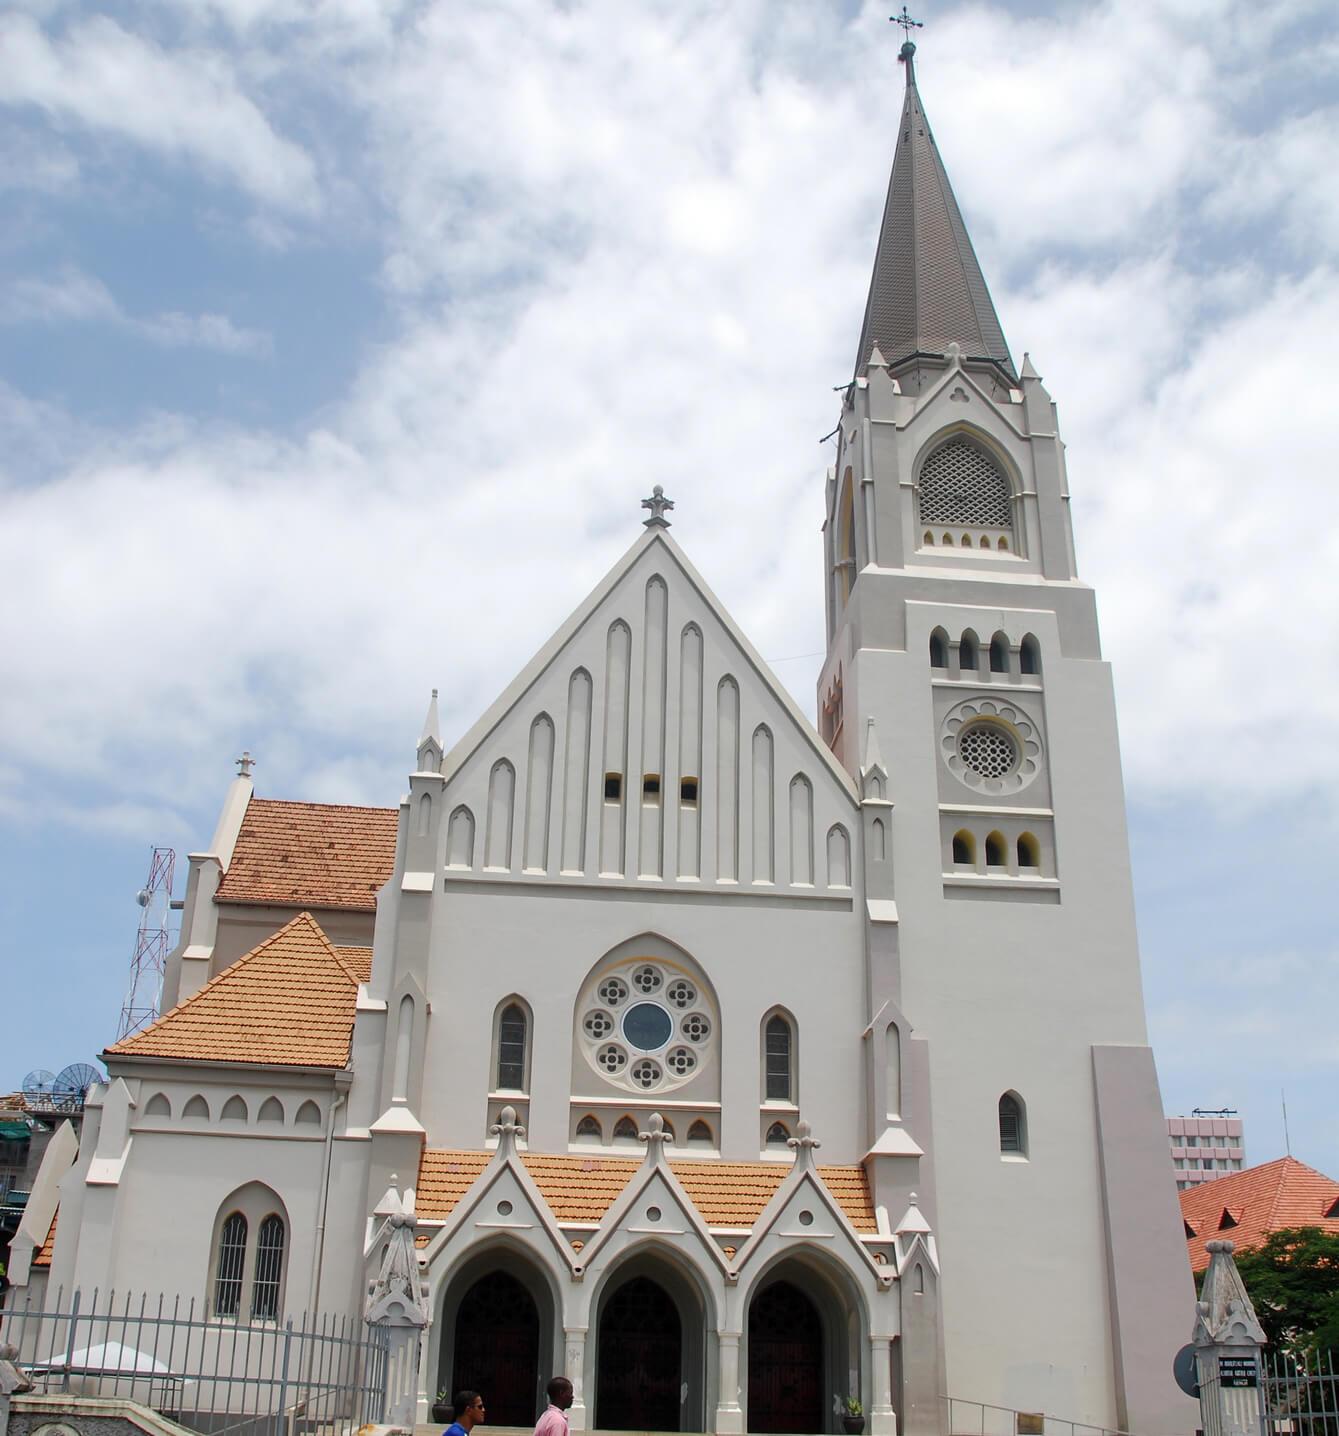 Здание оформлено в колониальном стиле